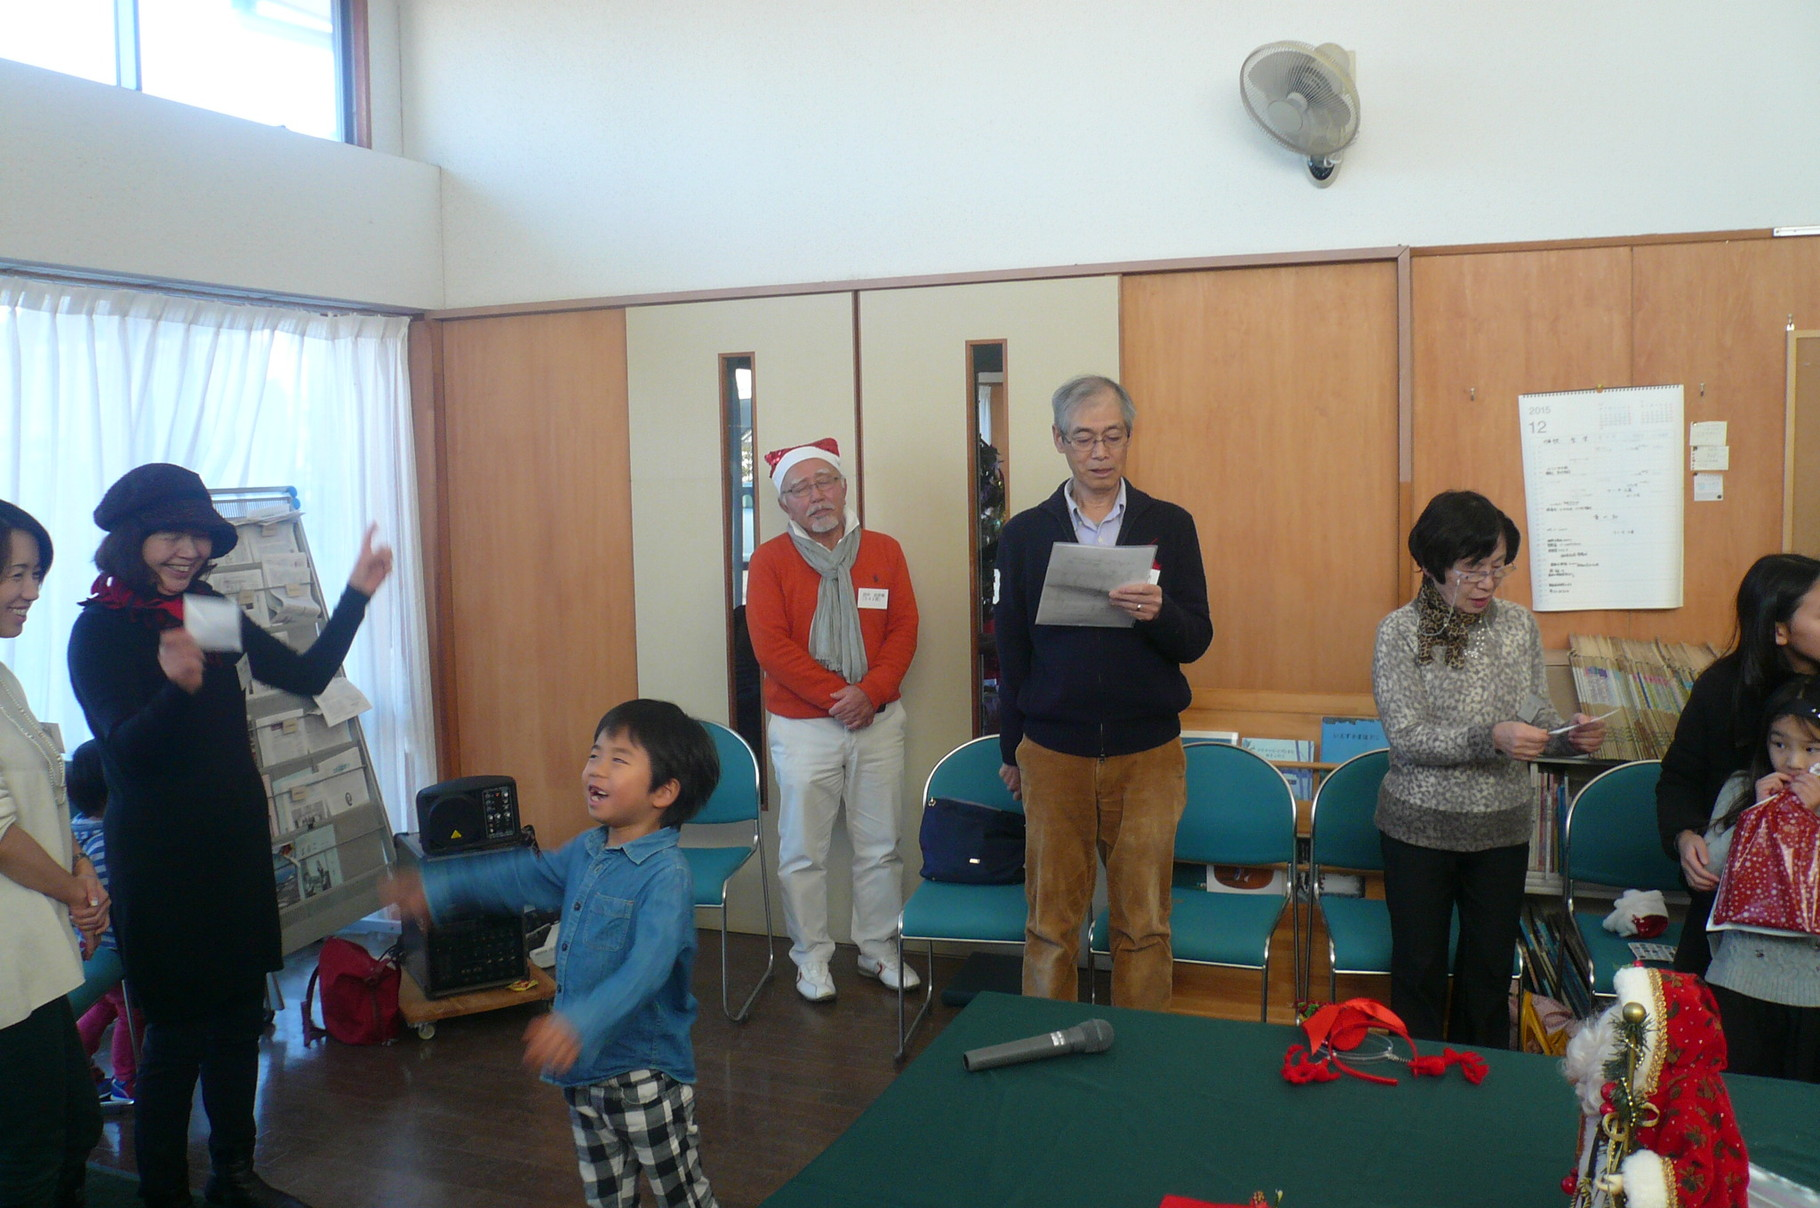 校歌の指揮をする松信さんのお孫さん可愛い